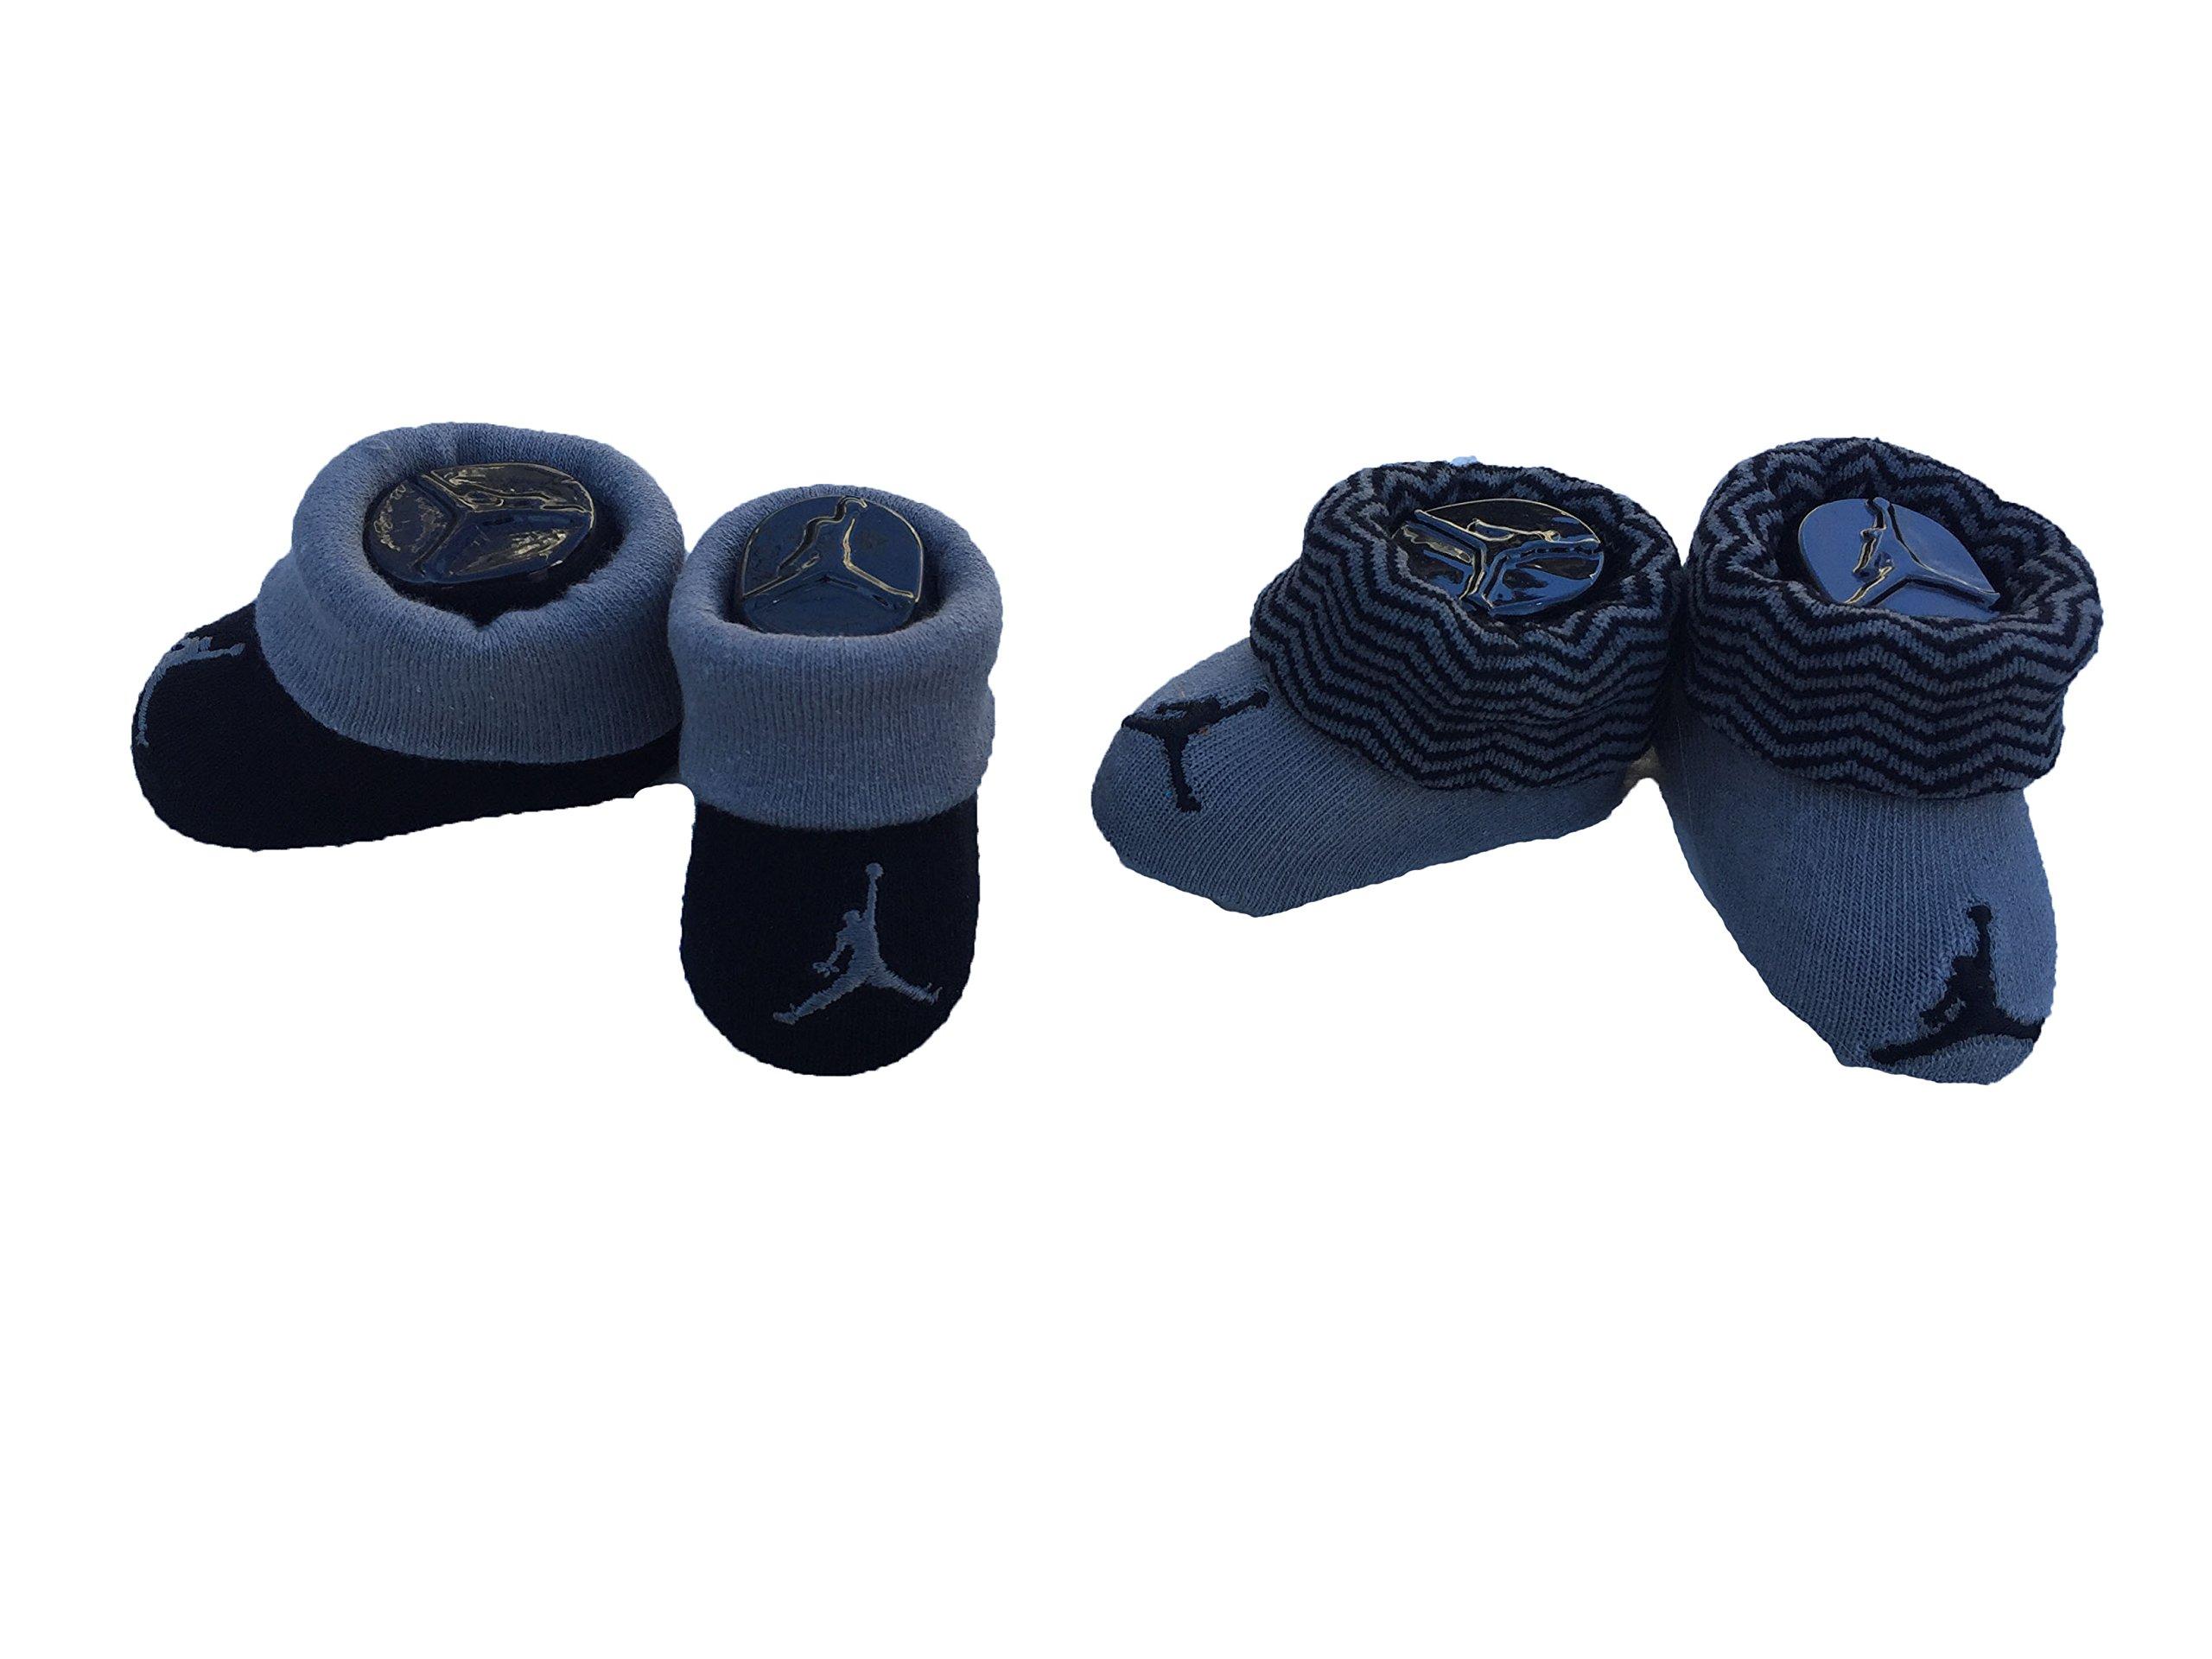 Jordan Infant Baby Socks, 2-Pack Booties (Wolf Grey (IJ0082-101) / Black/Waves, 0-6 Months)